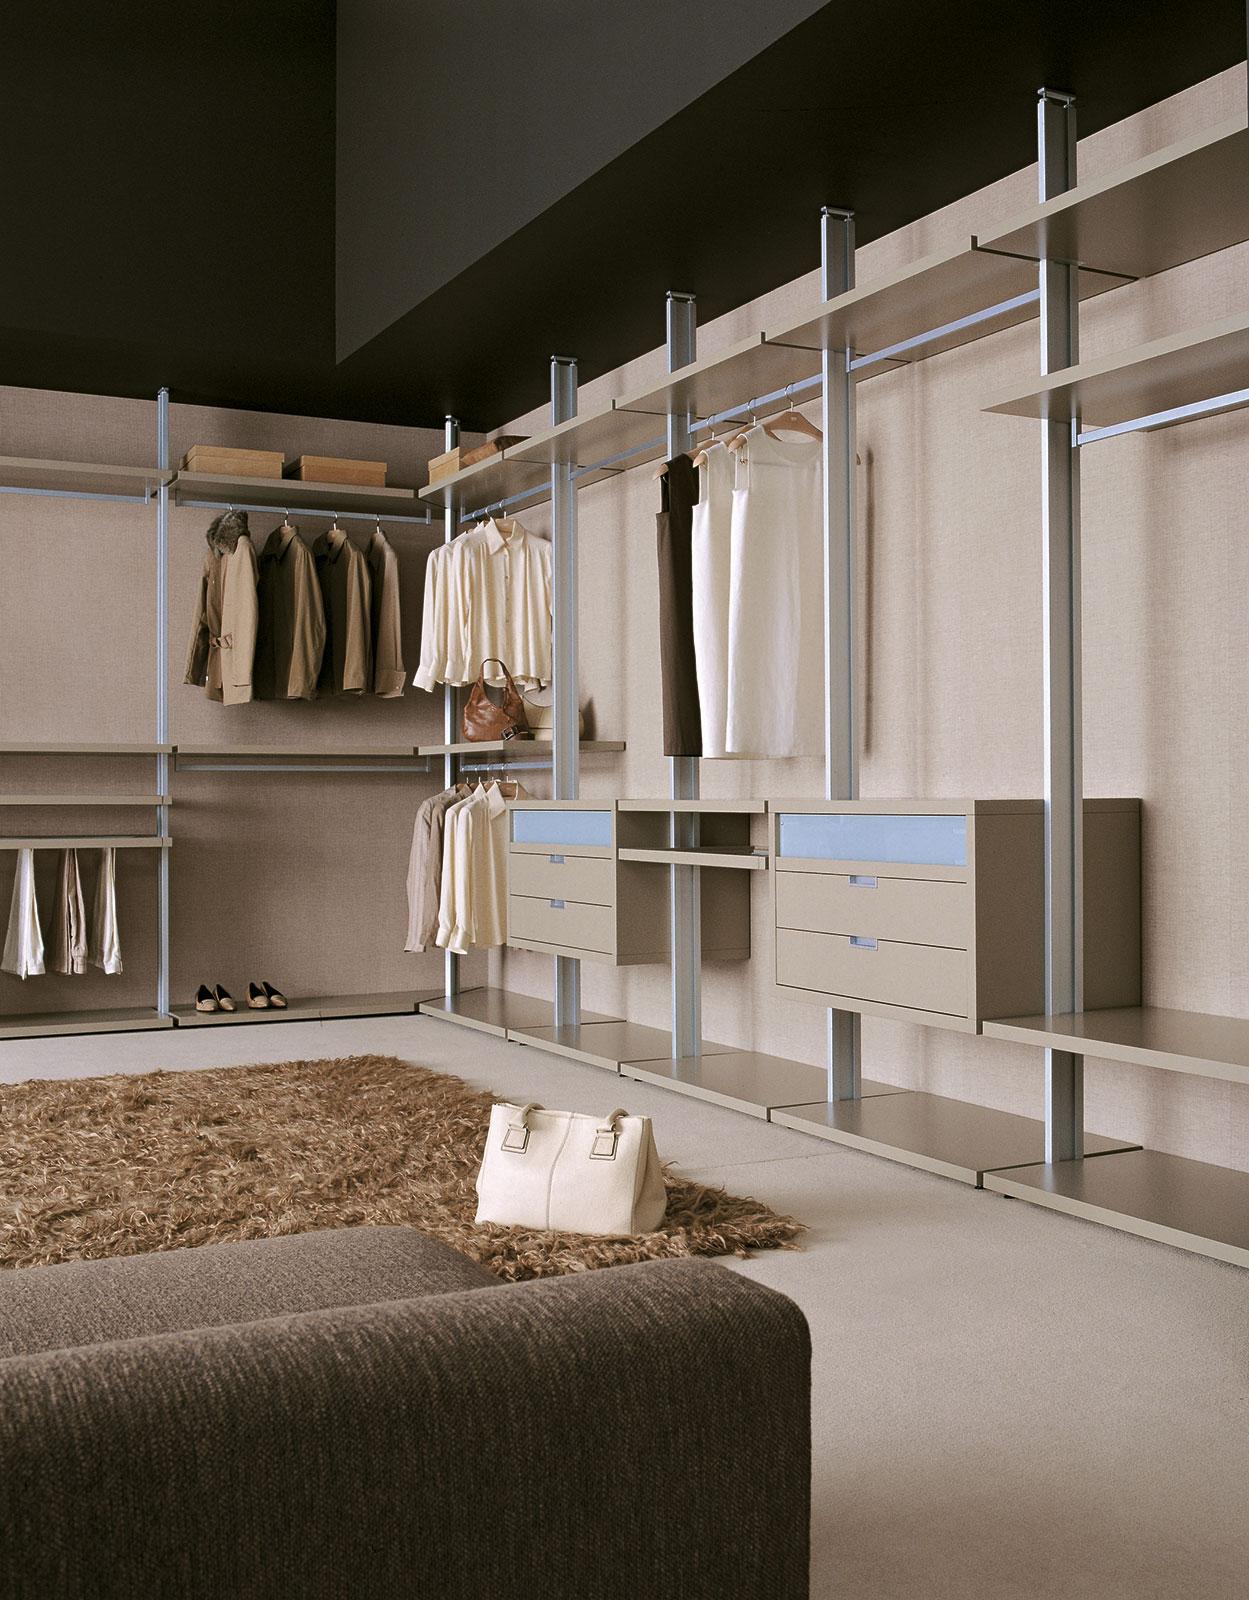 Cabina armadio su misura - Porte & sistemi | Henry glass